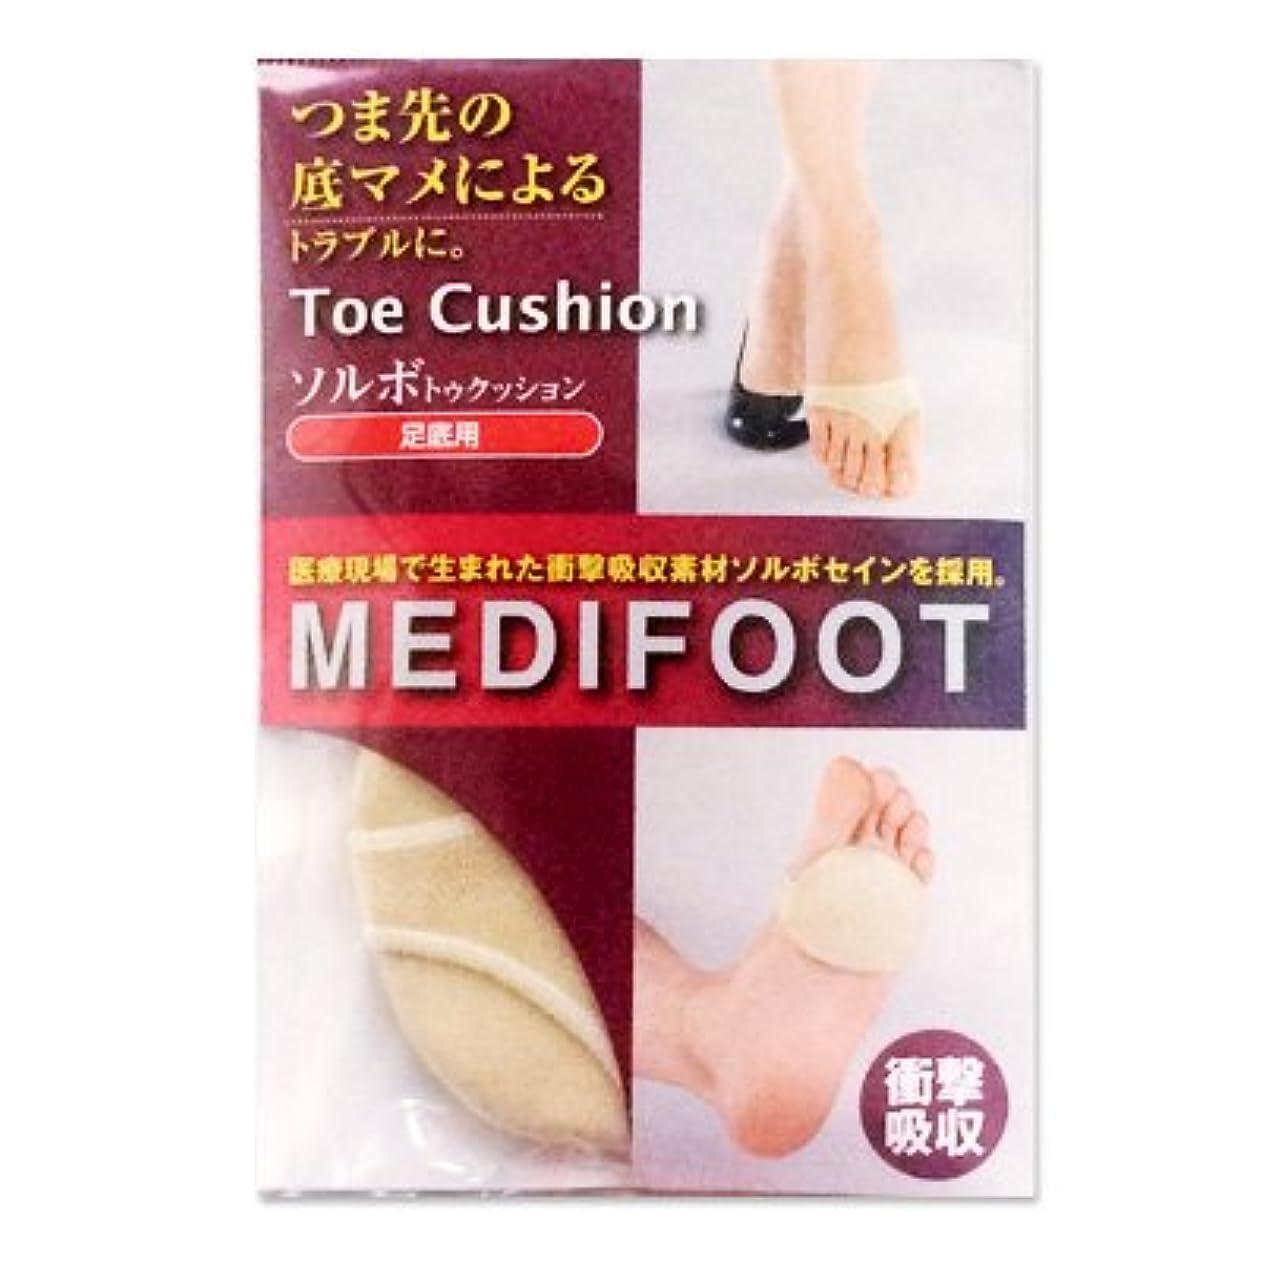 安全でない皮肉ネコソルボ トゥクッション 足底用[女性フリーサイズ(22-25cm)]63003